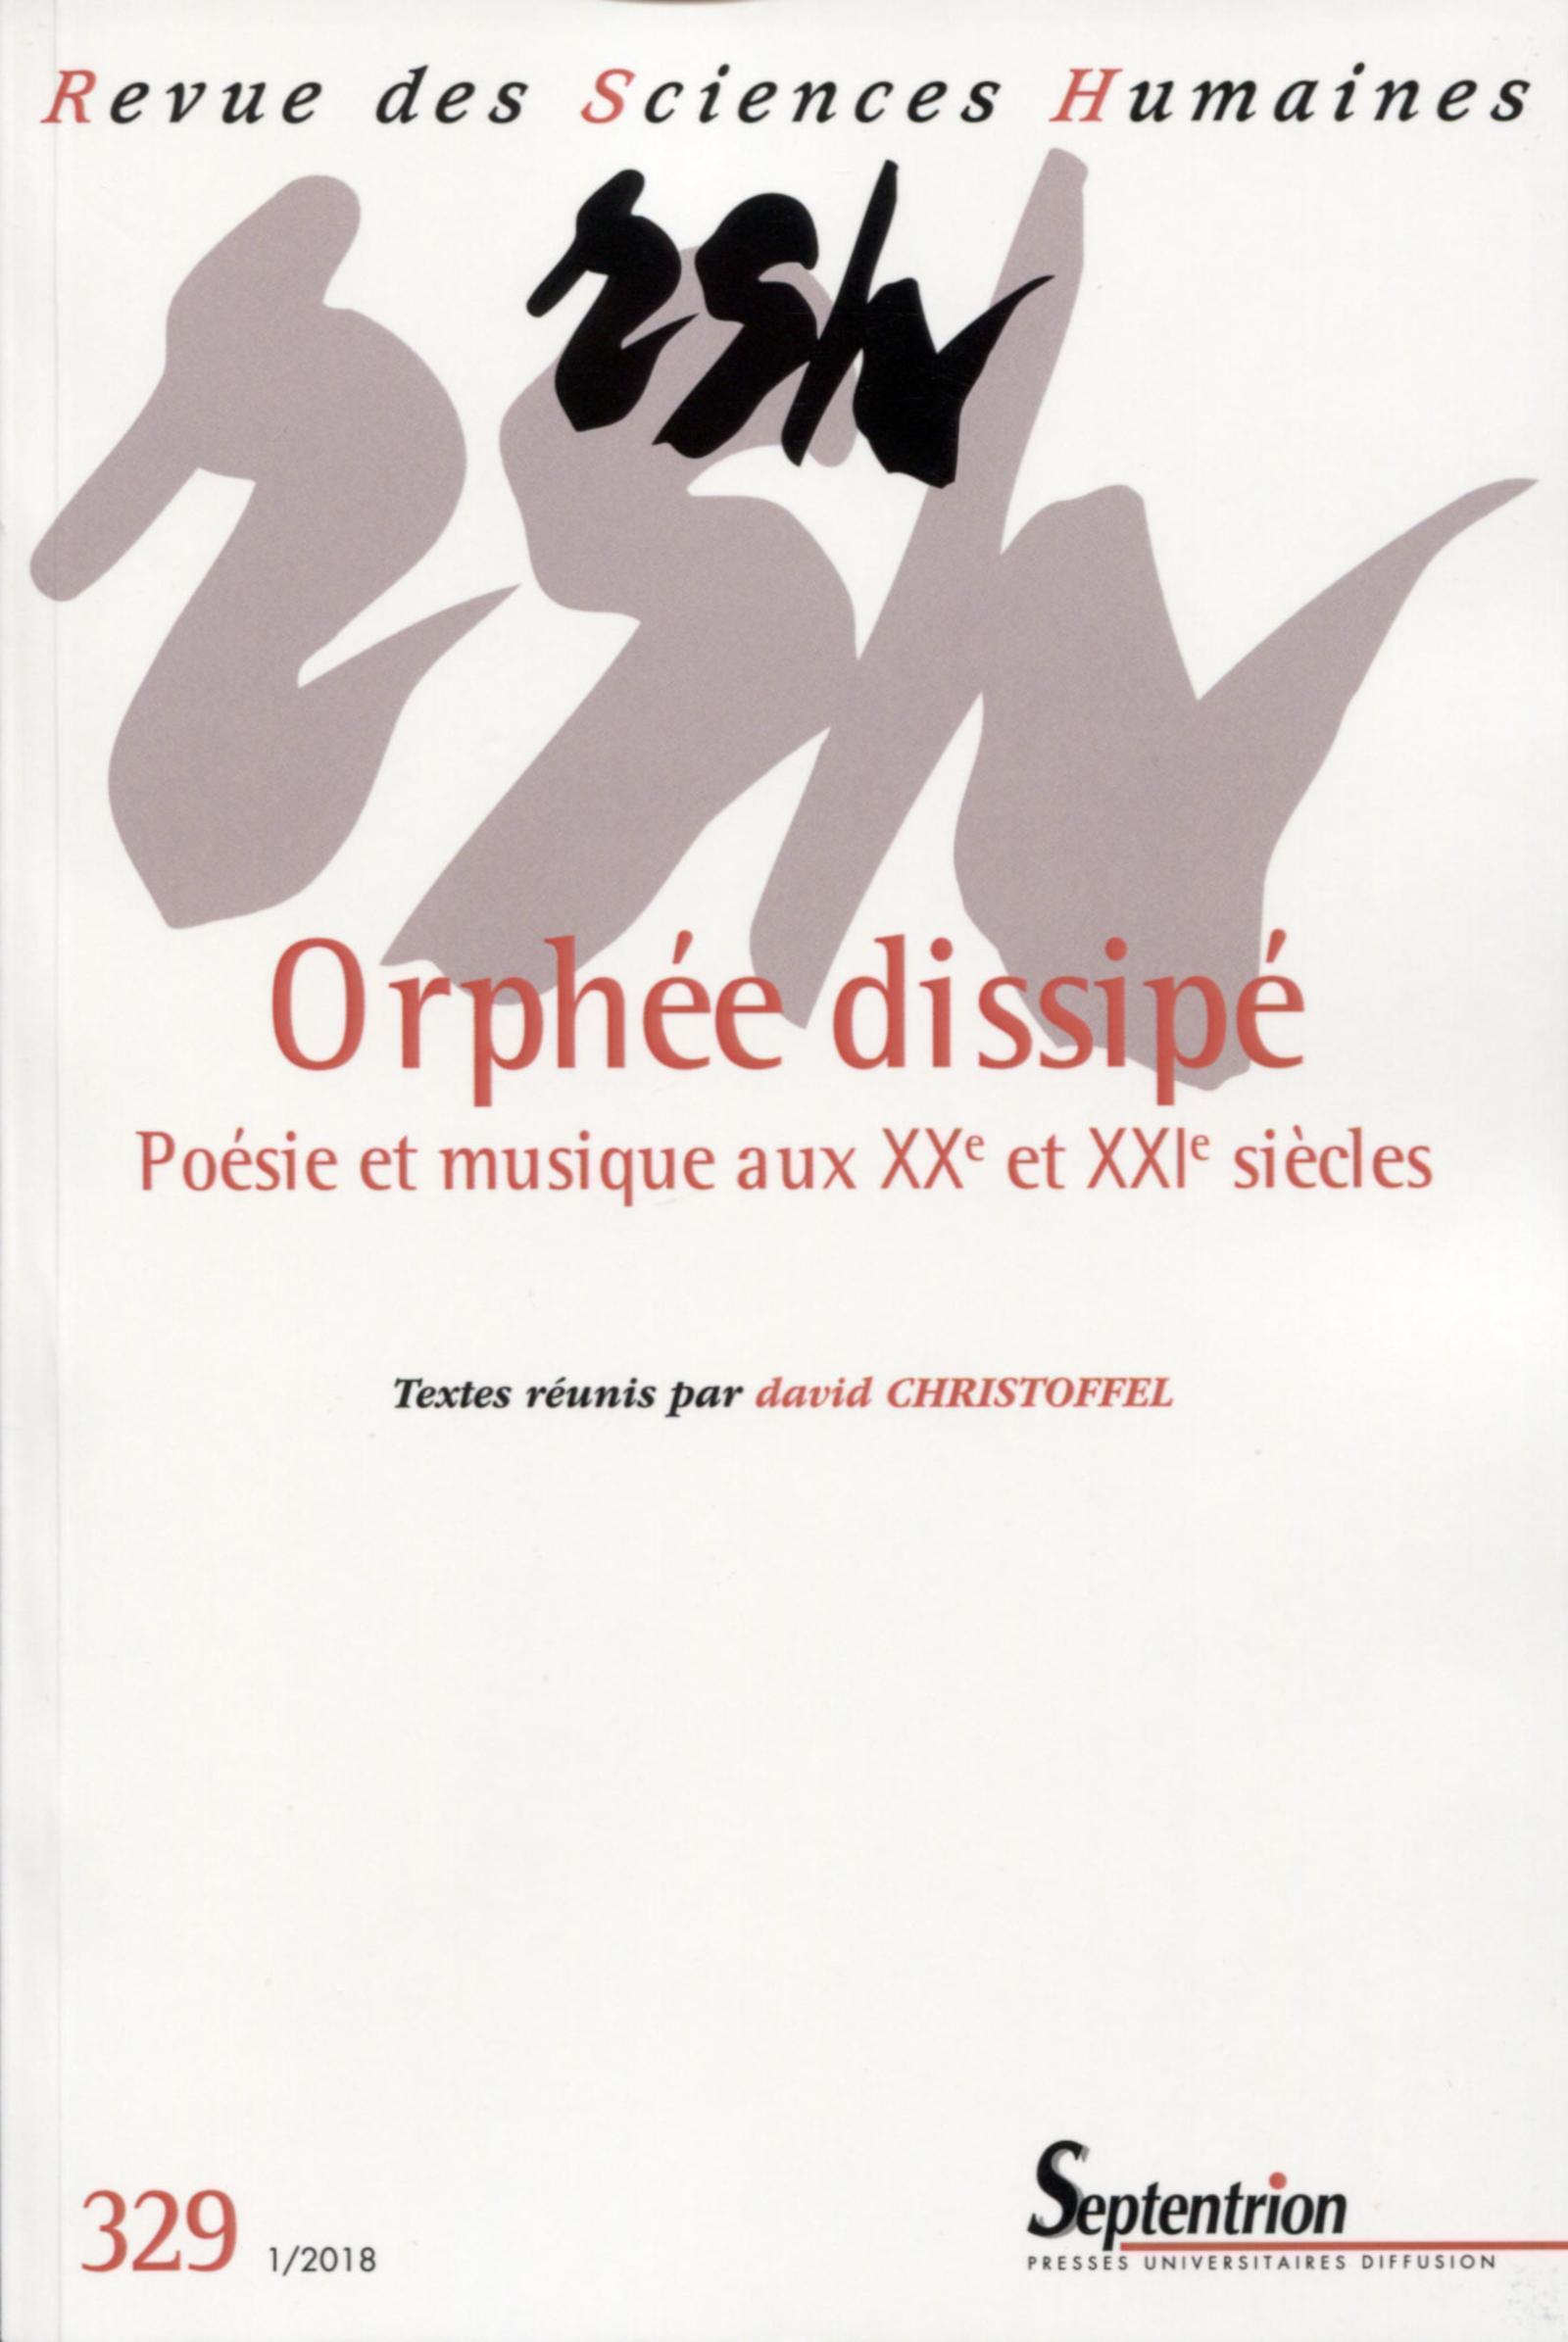 ORPHEE DISSIPE - POESIE ET MUSIQUE AUX XXE ET XXIE SIECLES  N329 JANVIER 2018